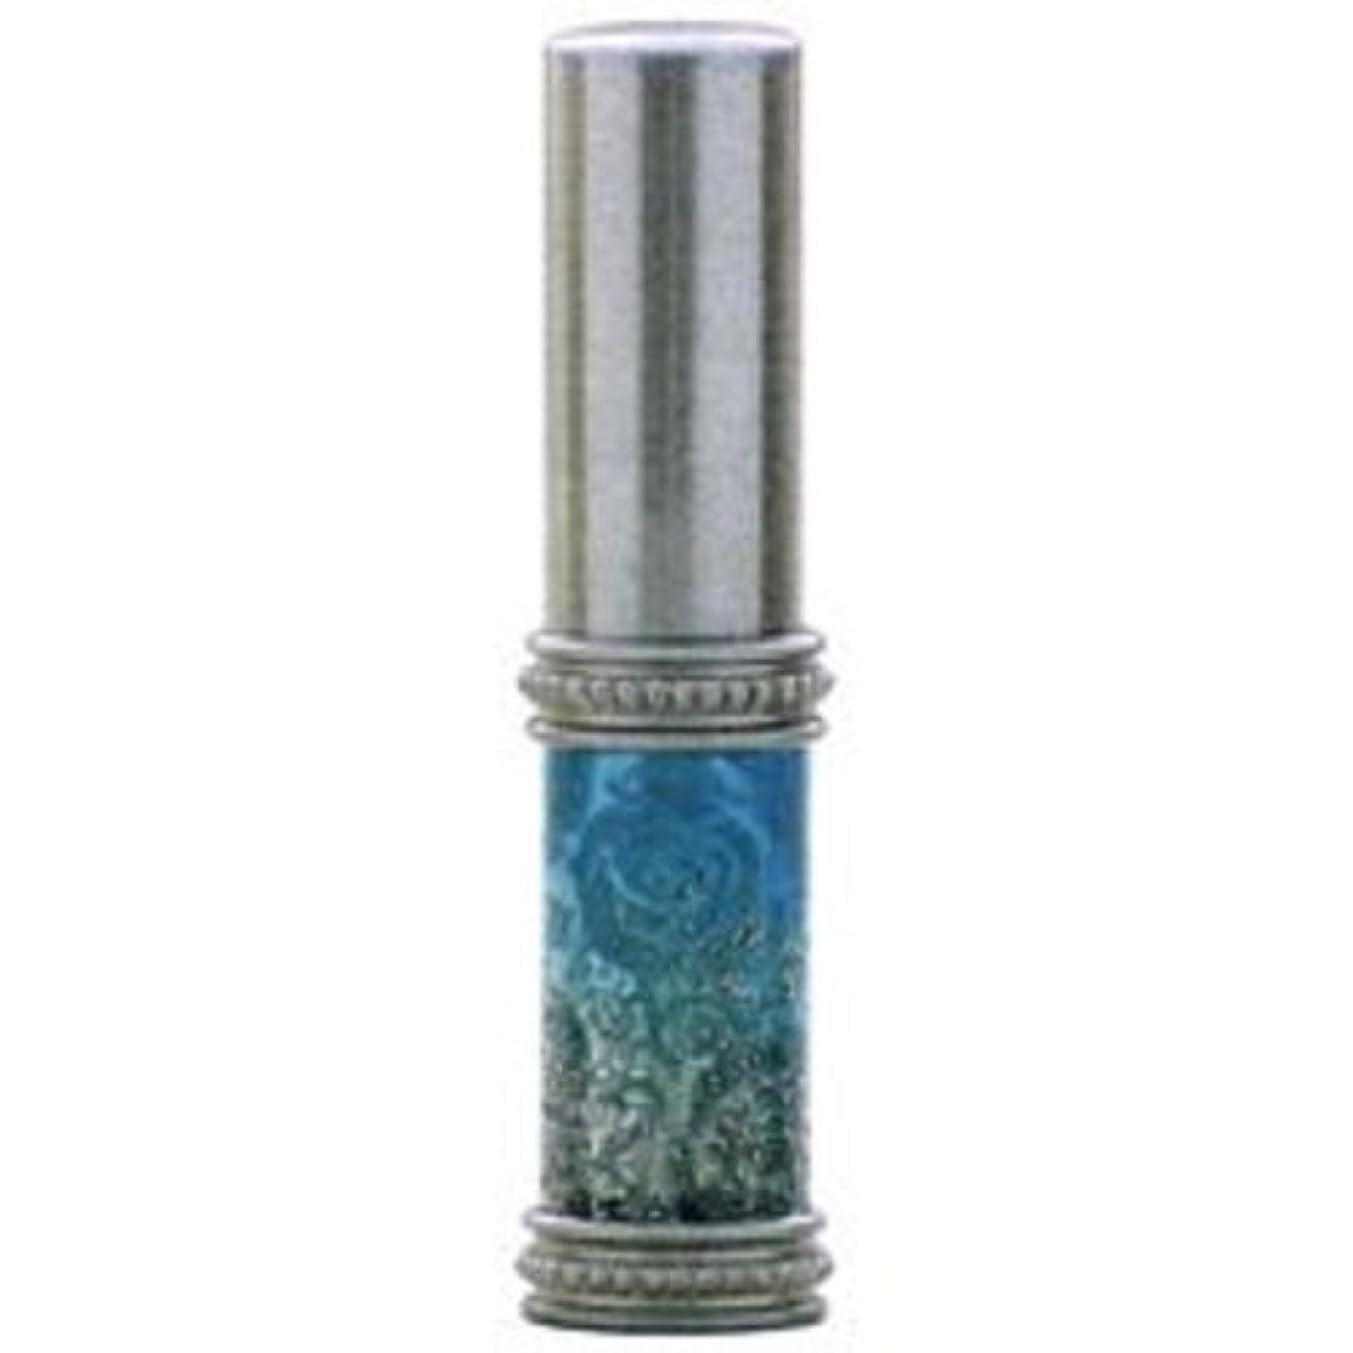 証明書明確なお気に入りヒロセアトマイザー ラメ 薔薇 ガラスアトマイザー 16121 SV (メタルラメバラ シルバー)